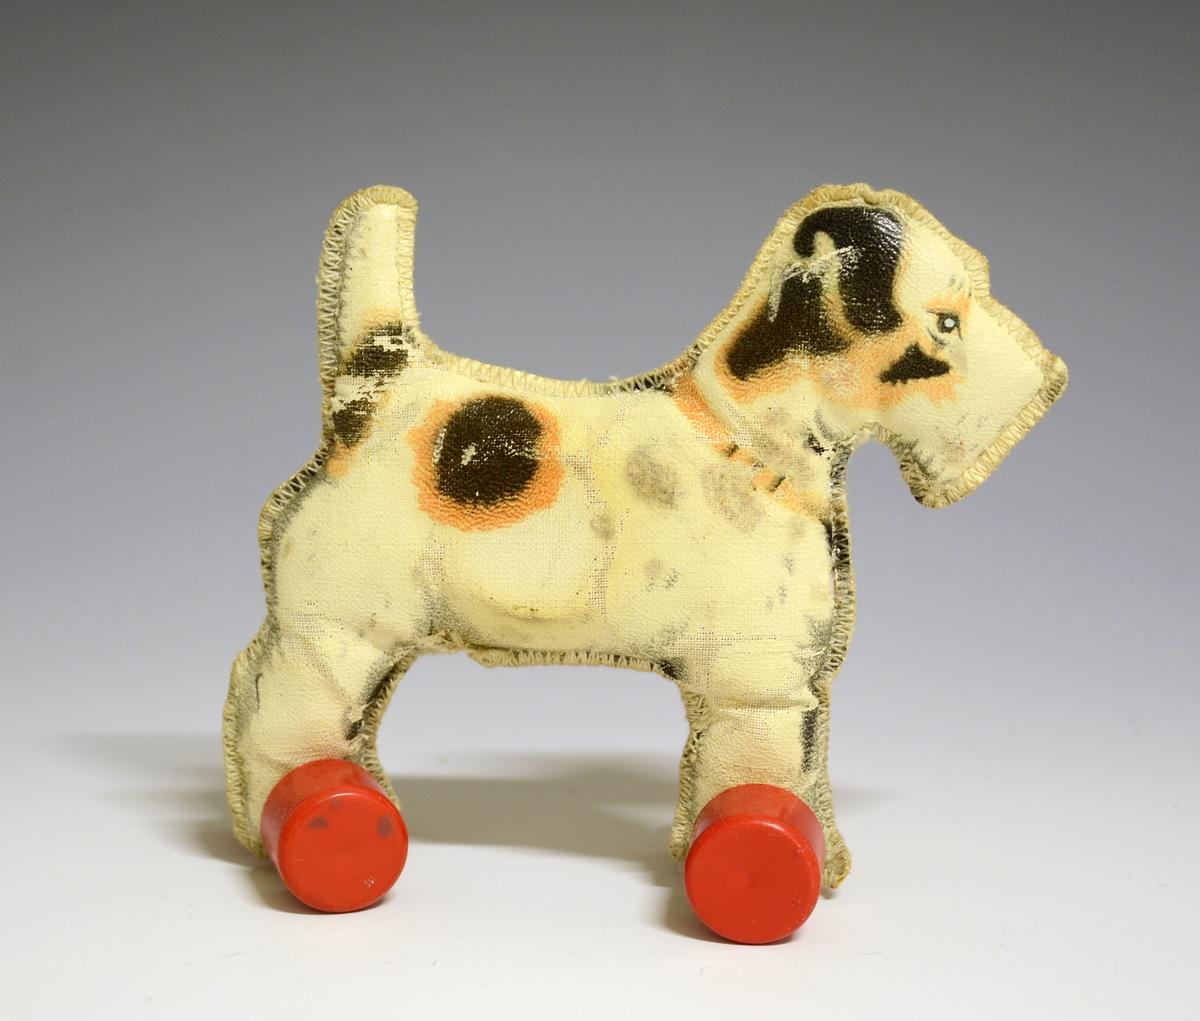 Hund med sikk-sakk søm rundt. Røde hjul av plast festet til beina.